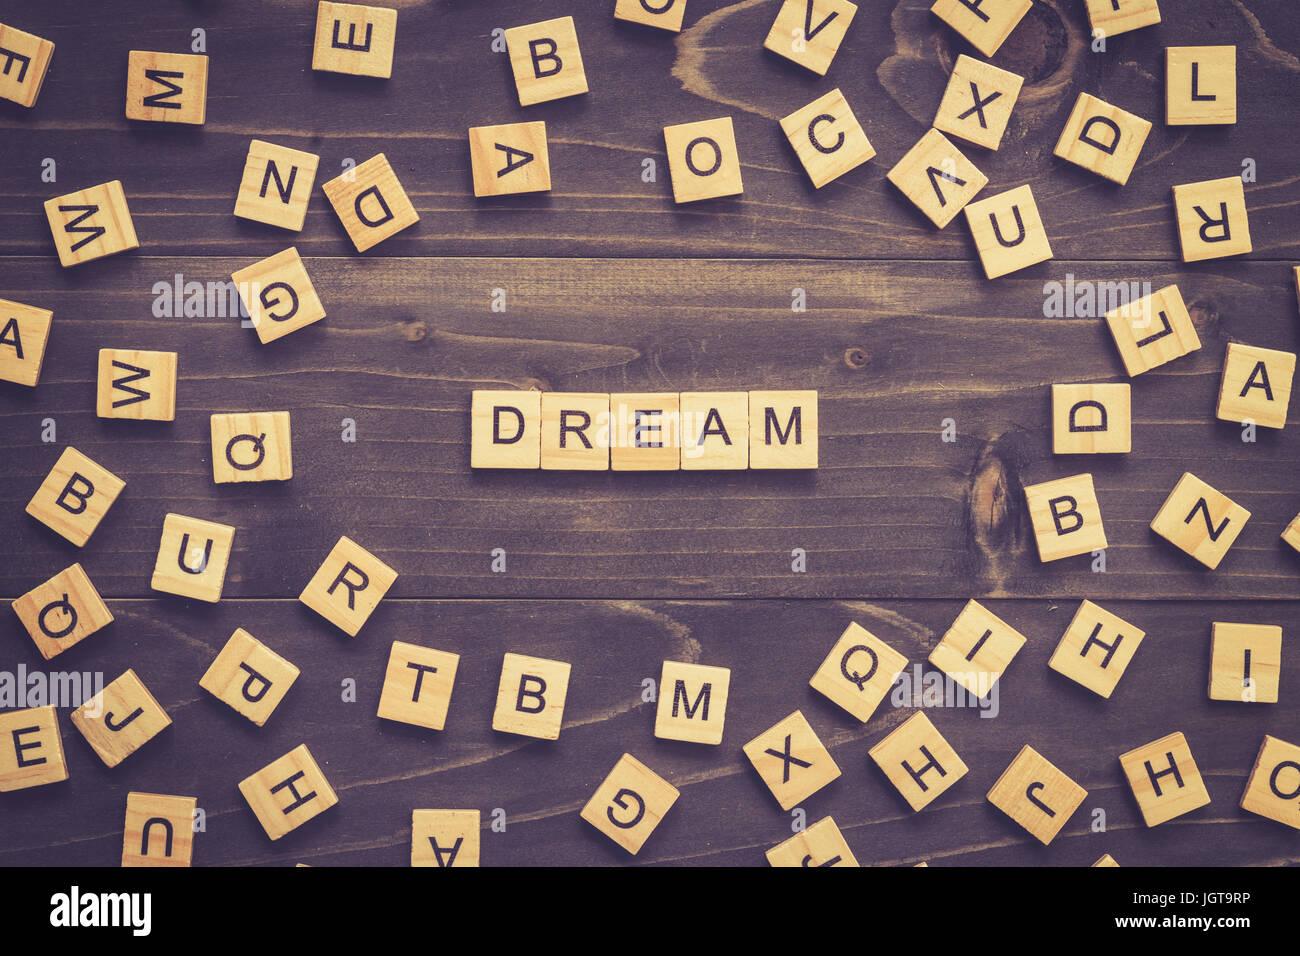 Traum-Wort-Holz-Block auf Tisch für Business-Konzept. Stockbild